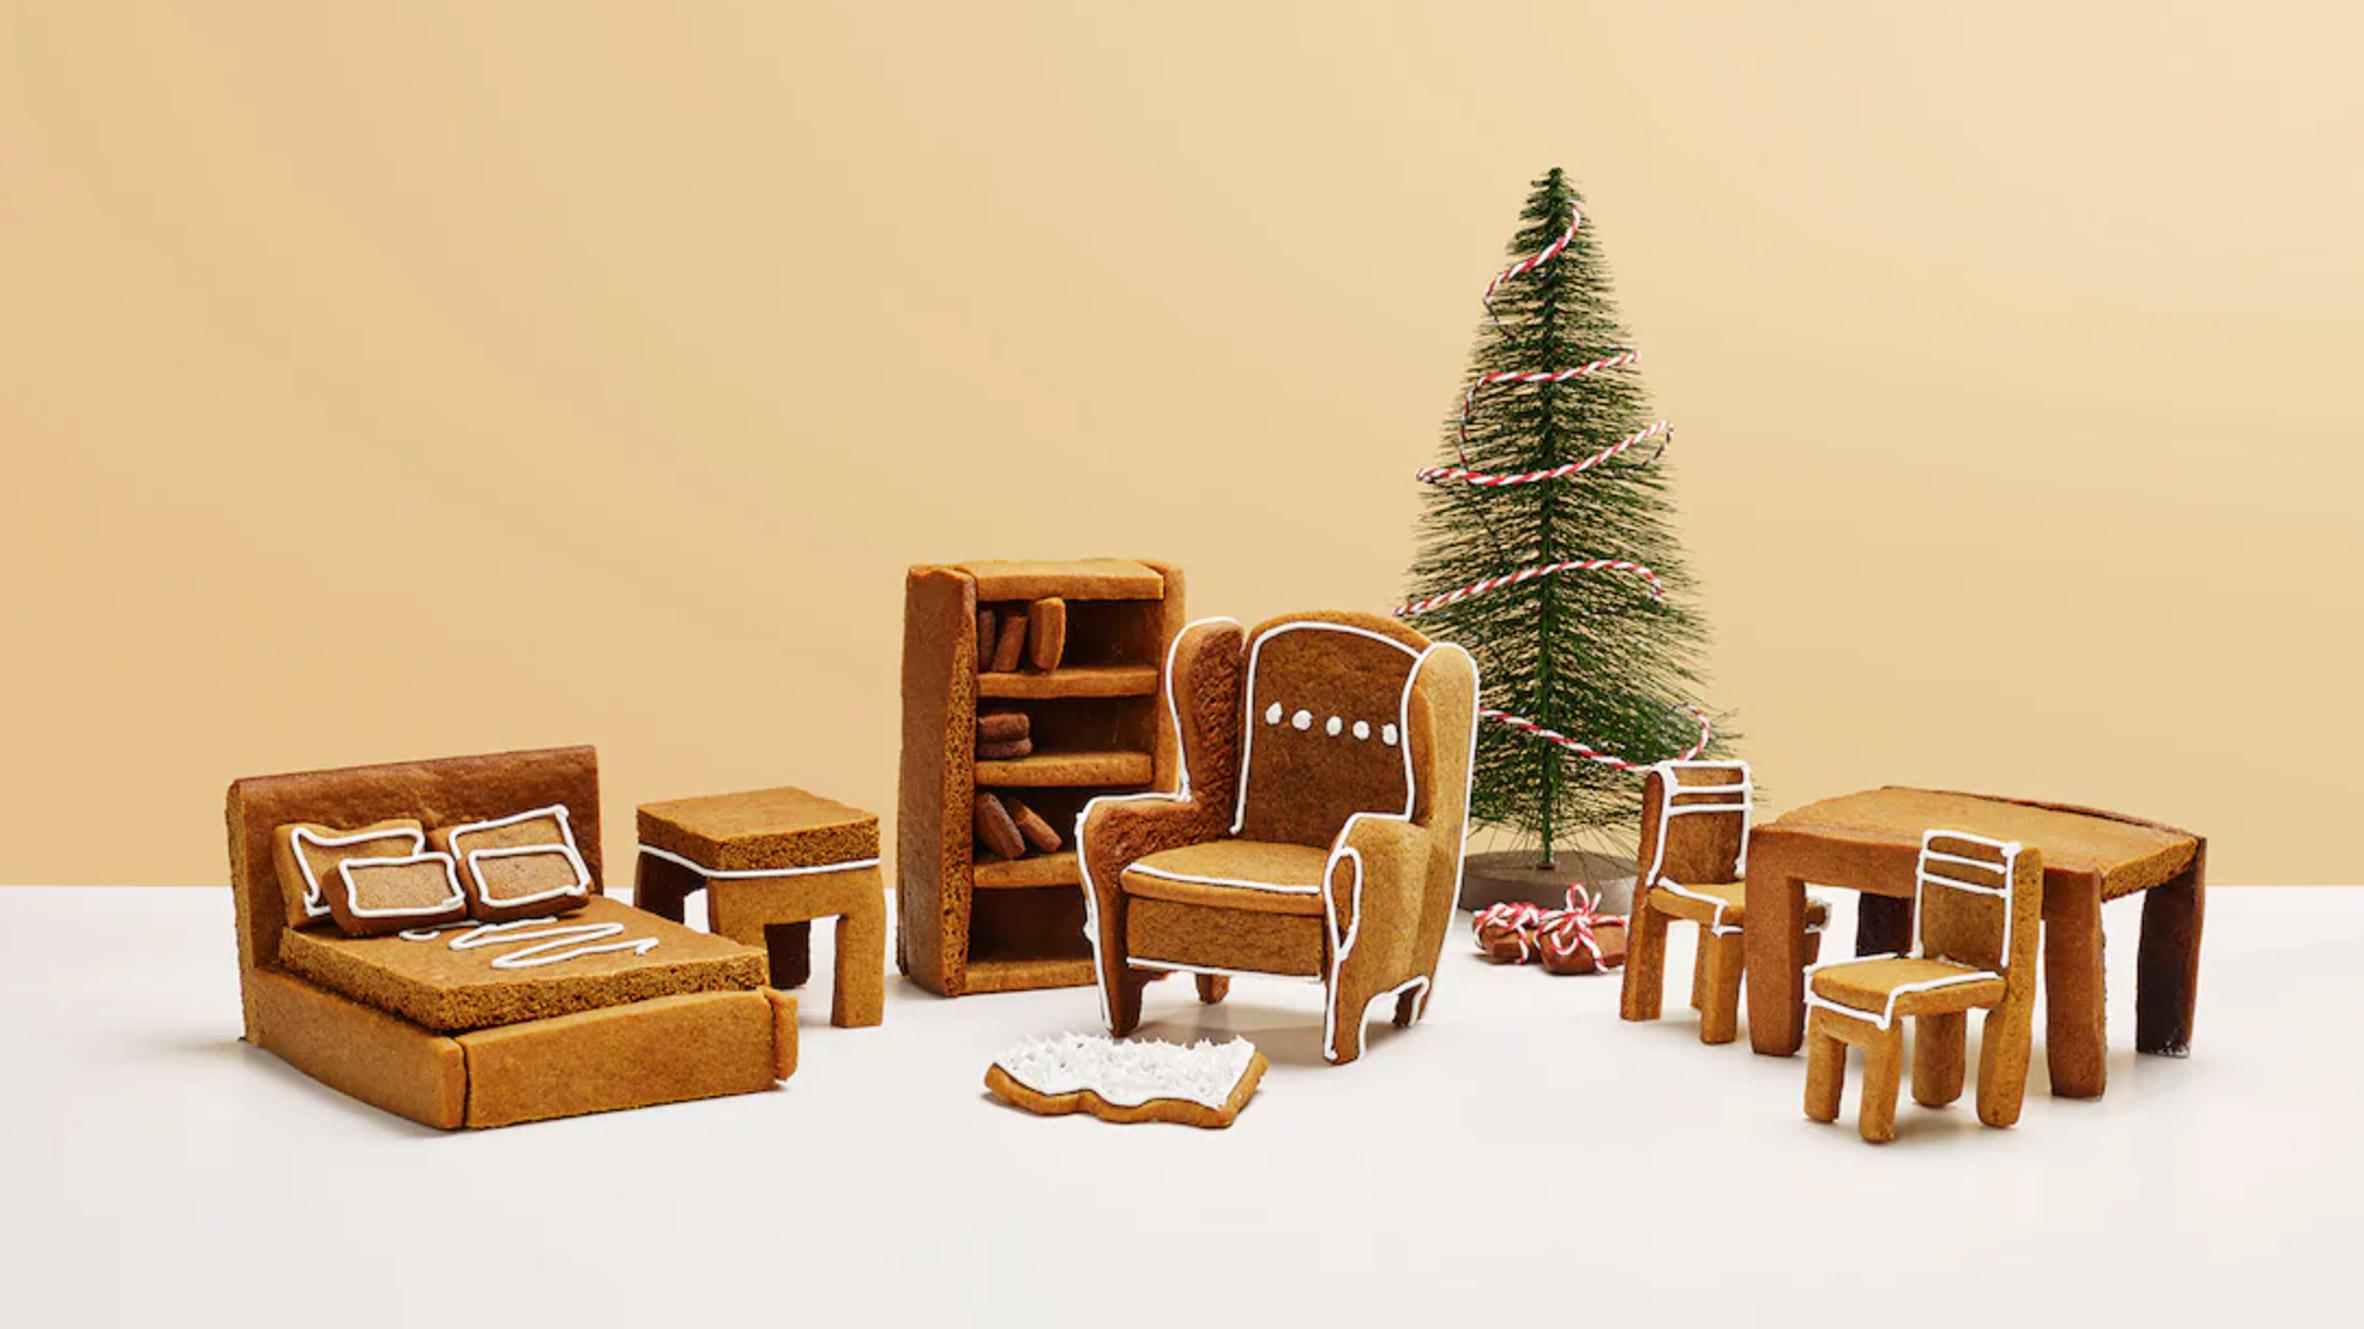 IKEA Gingerbread Höme kit